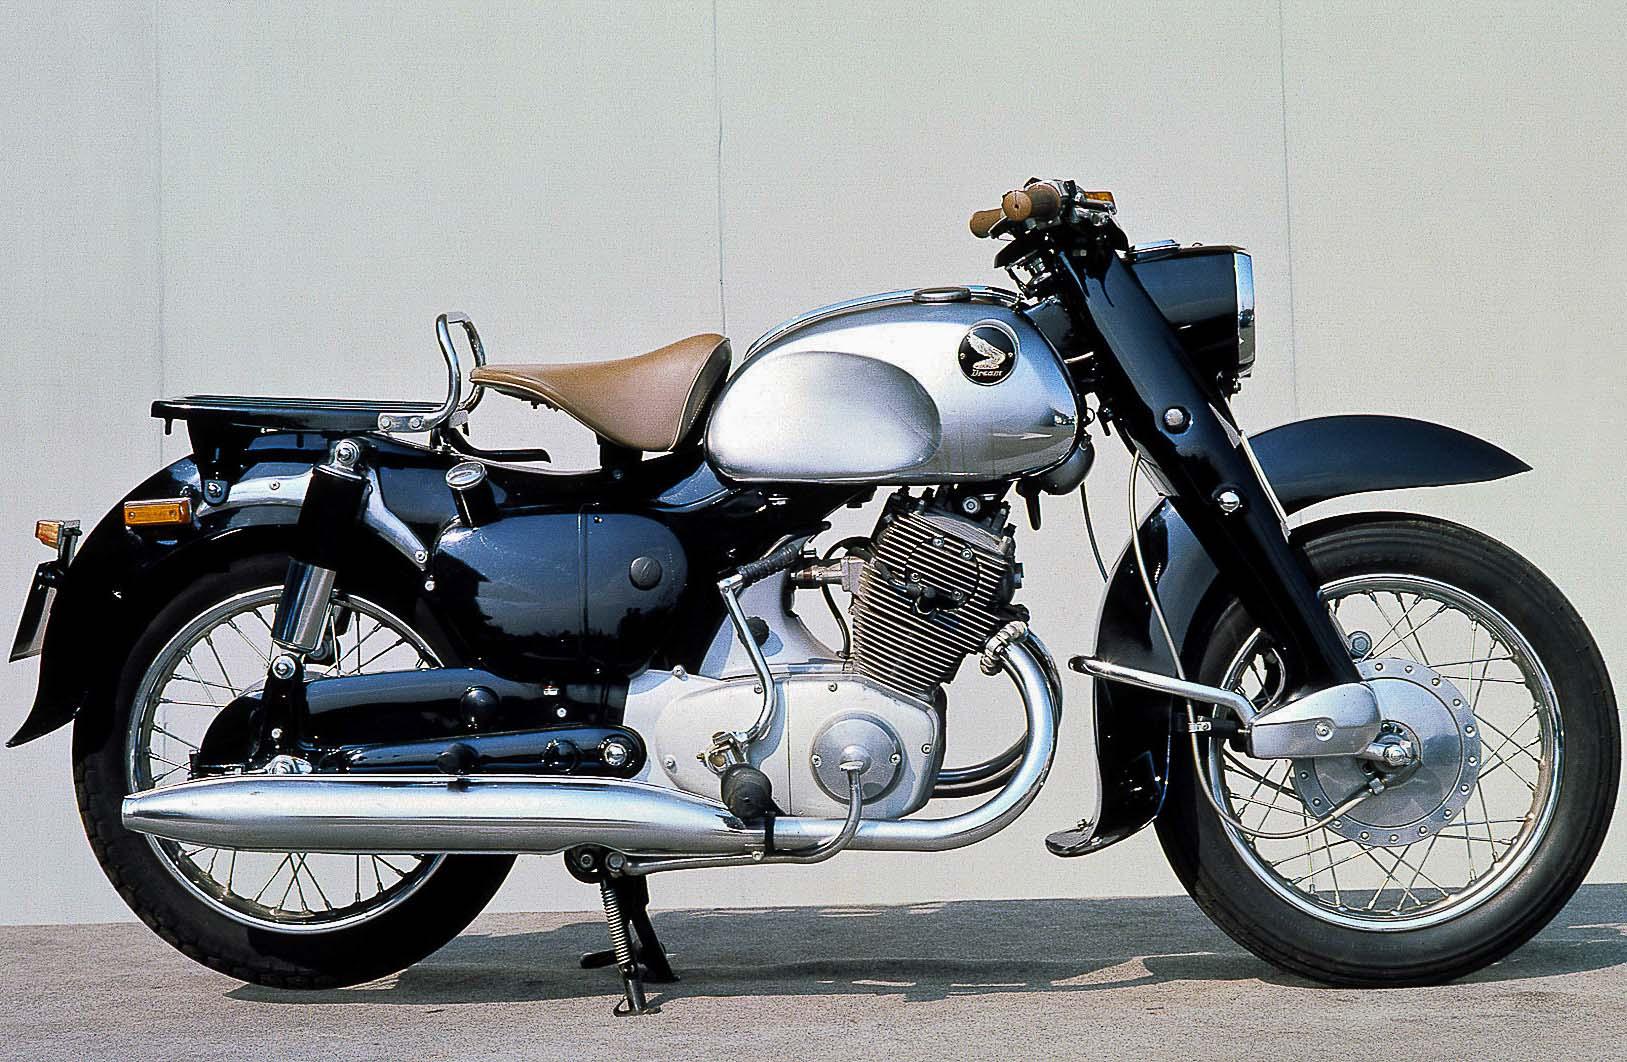 HONDA C70 (1957-1959)